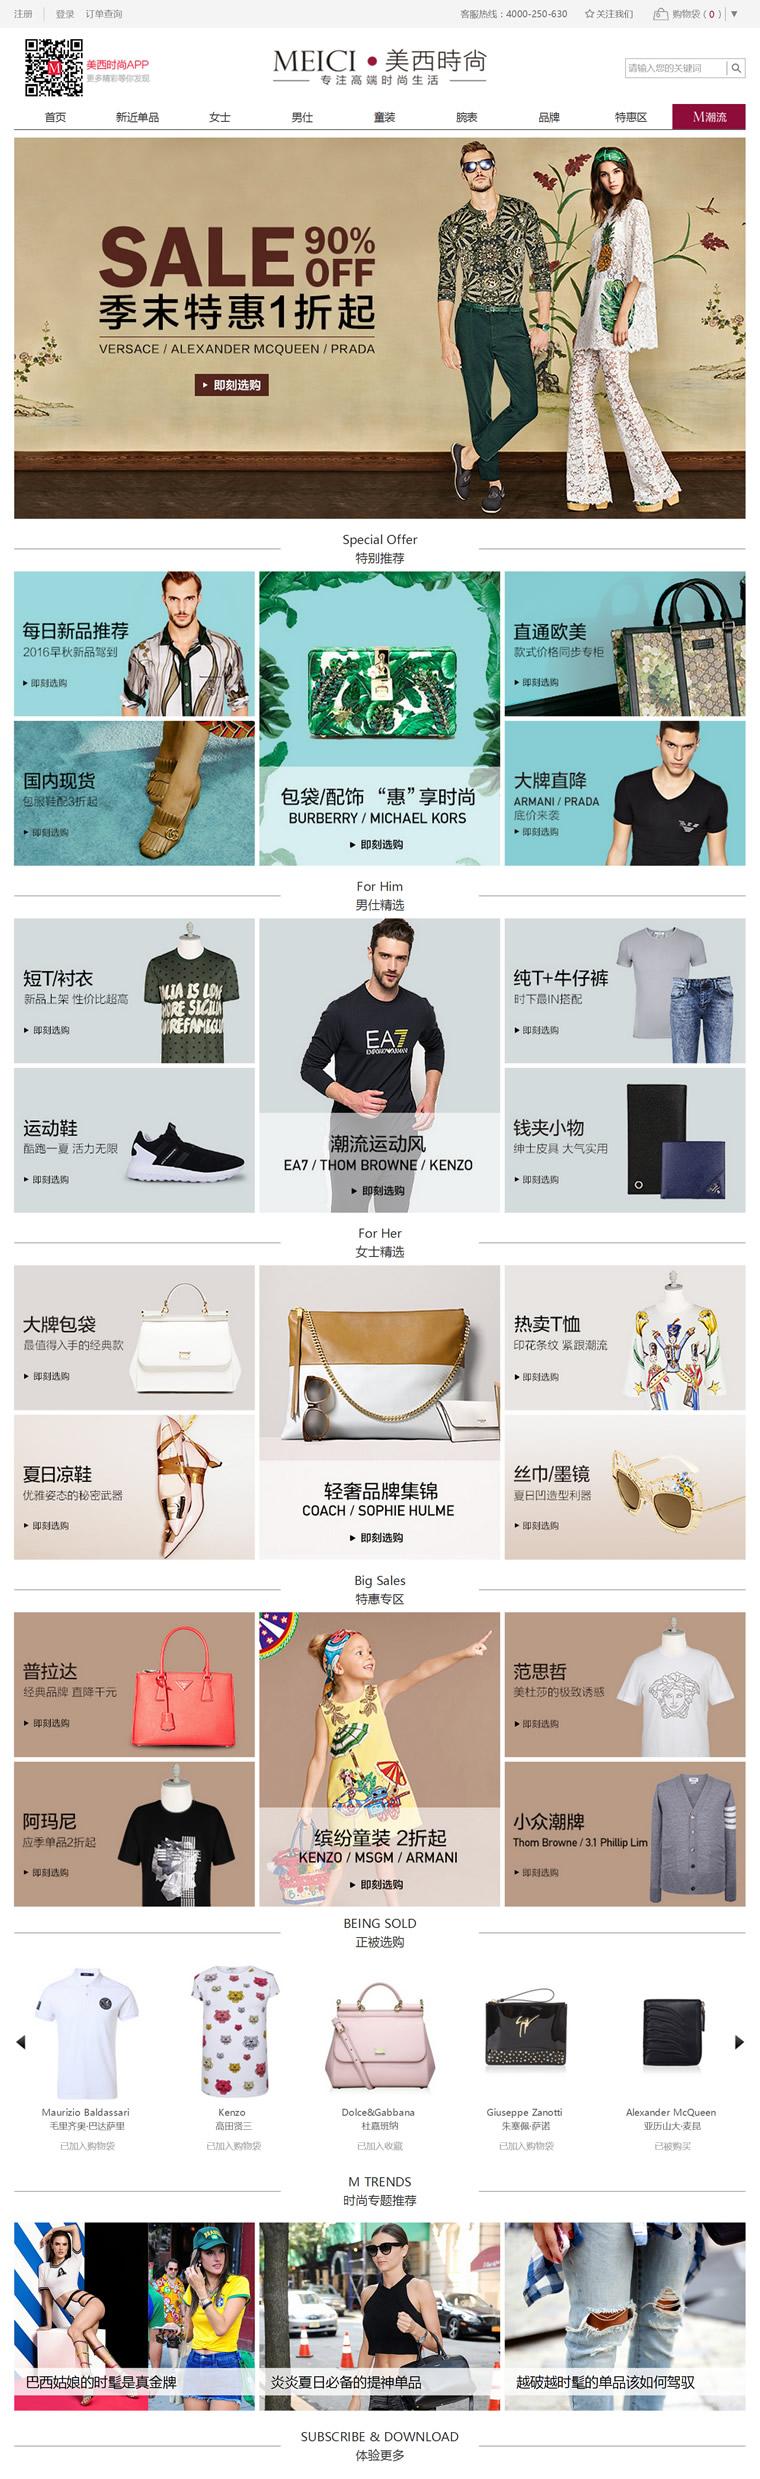 全球奢侈品购物网站:美西时尚